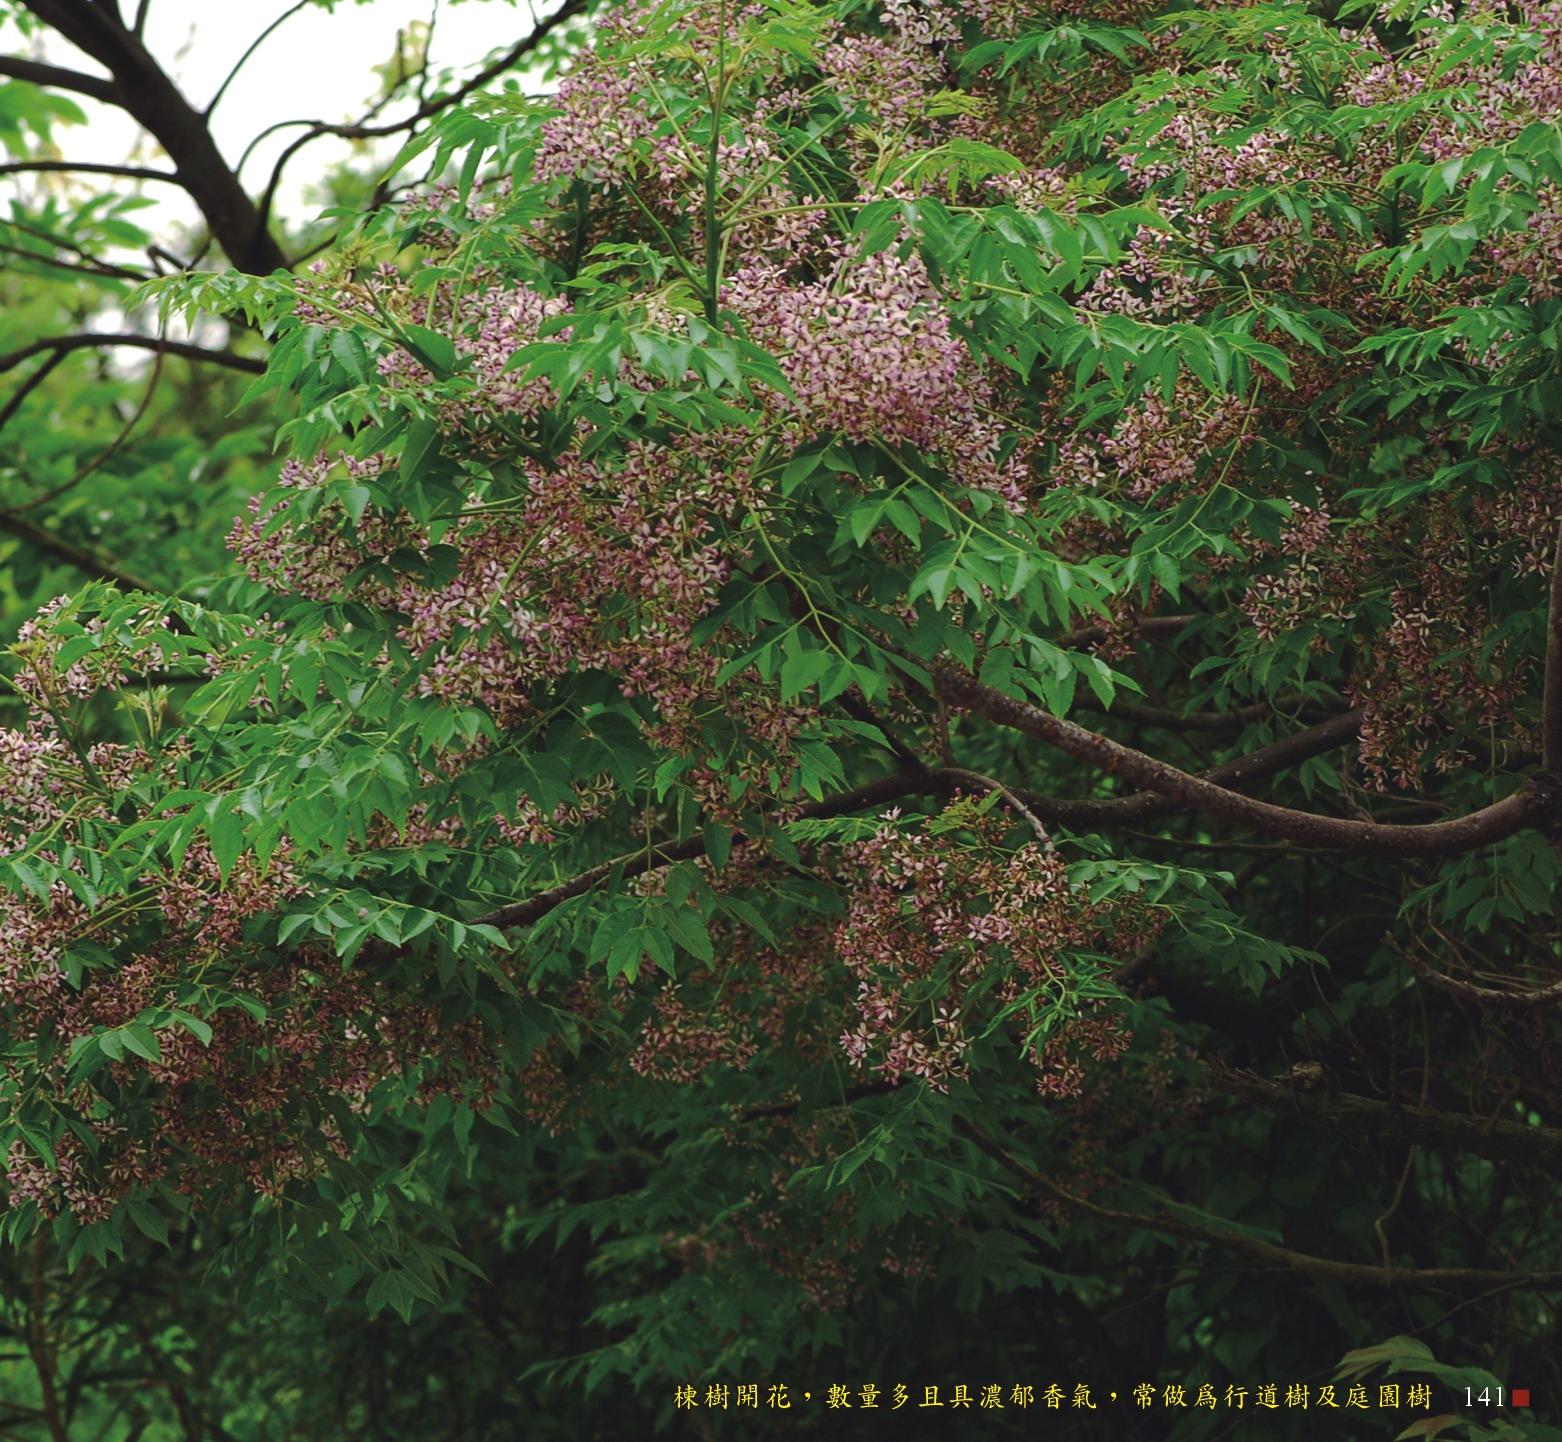 楝樹開花,數量多且具濃郁香氣,常做為行道樹及庭園樹